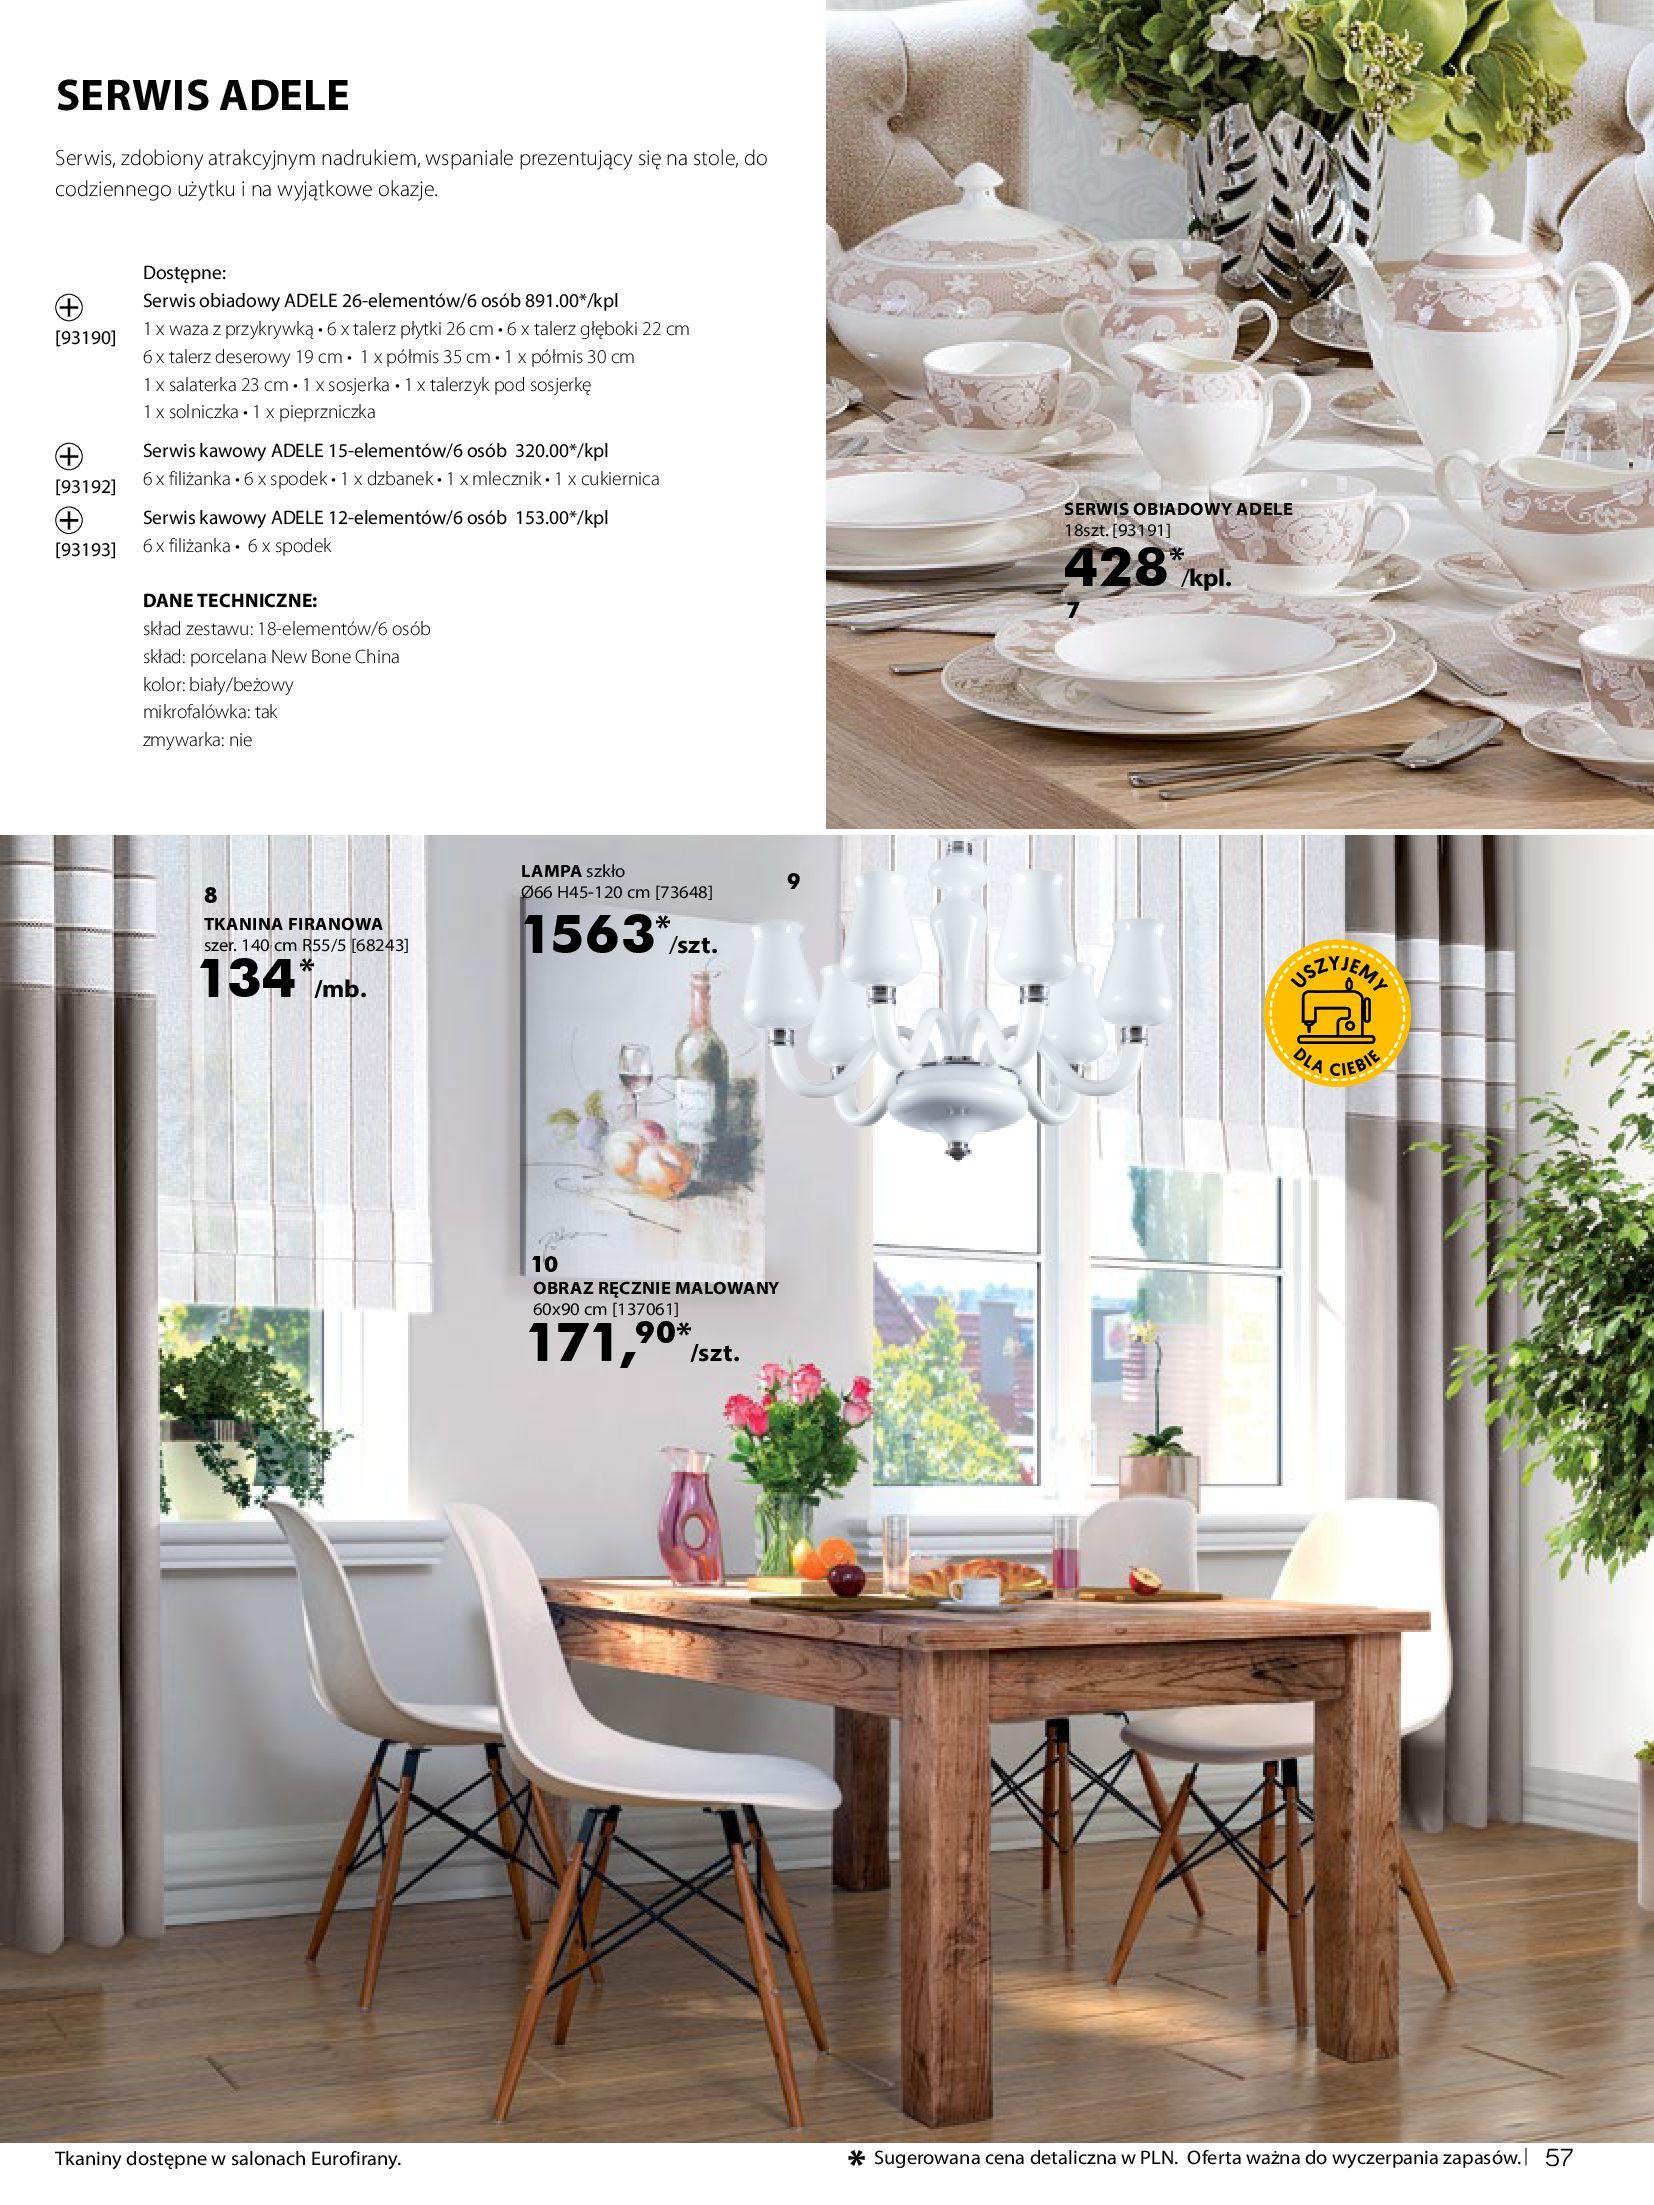 Gazetka Eurofirany - Katalog jesień/zima 2017/18-14.09.2017-20.03.2018-page-57